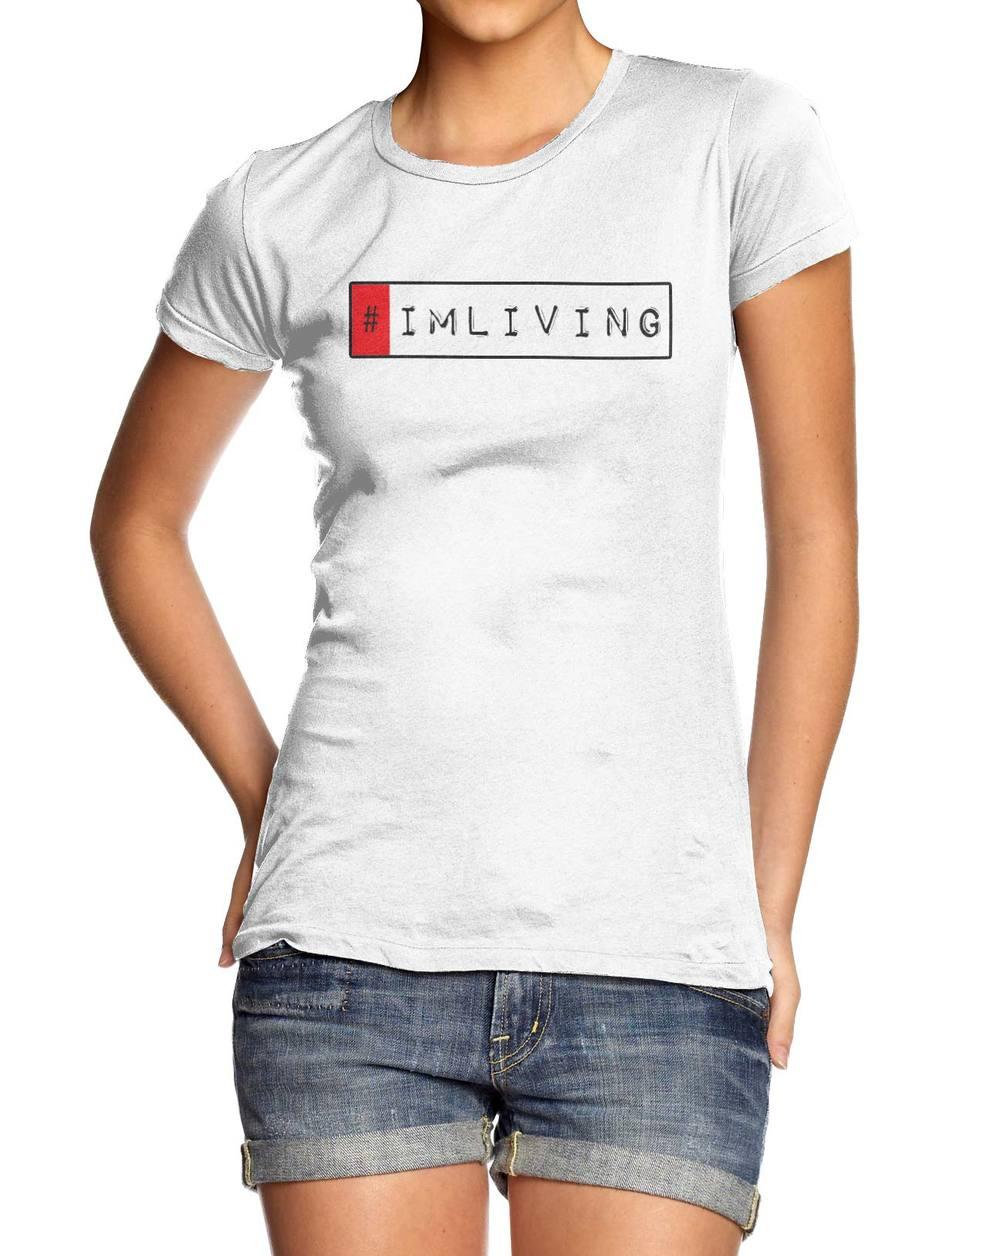 IMLIVING-FEMALE-SHIRT-WHITE.jpg